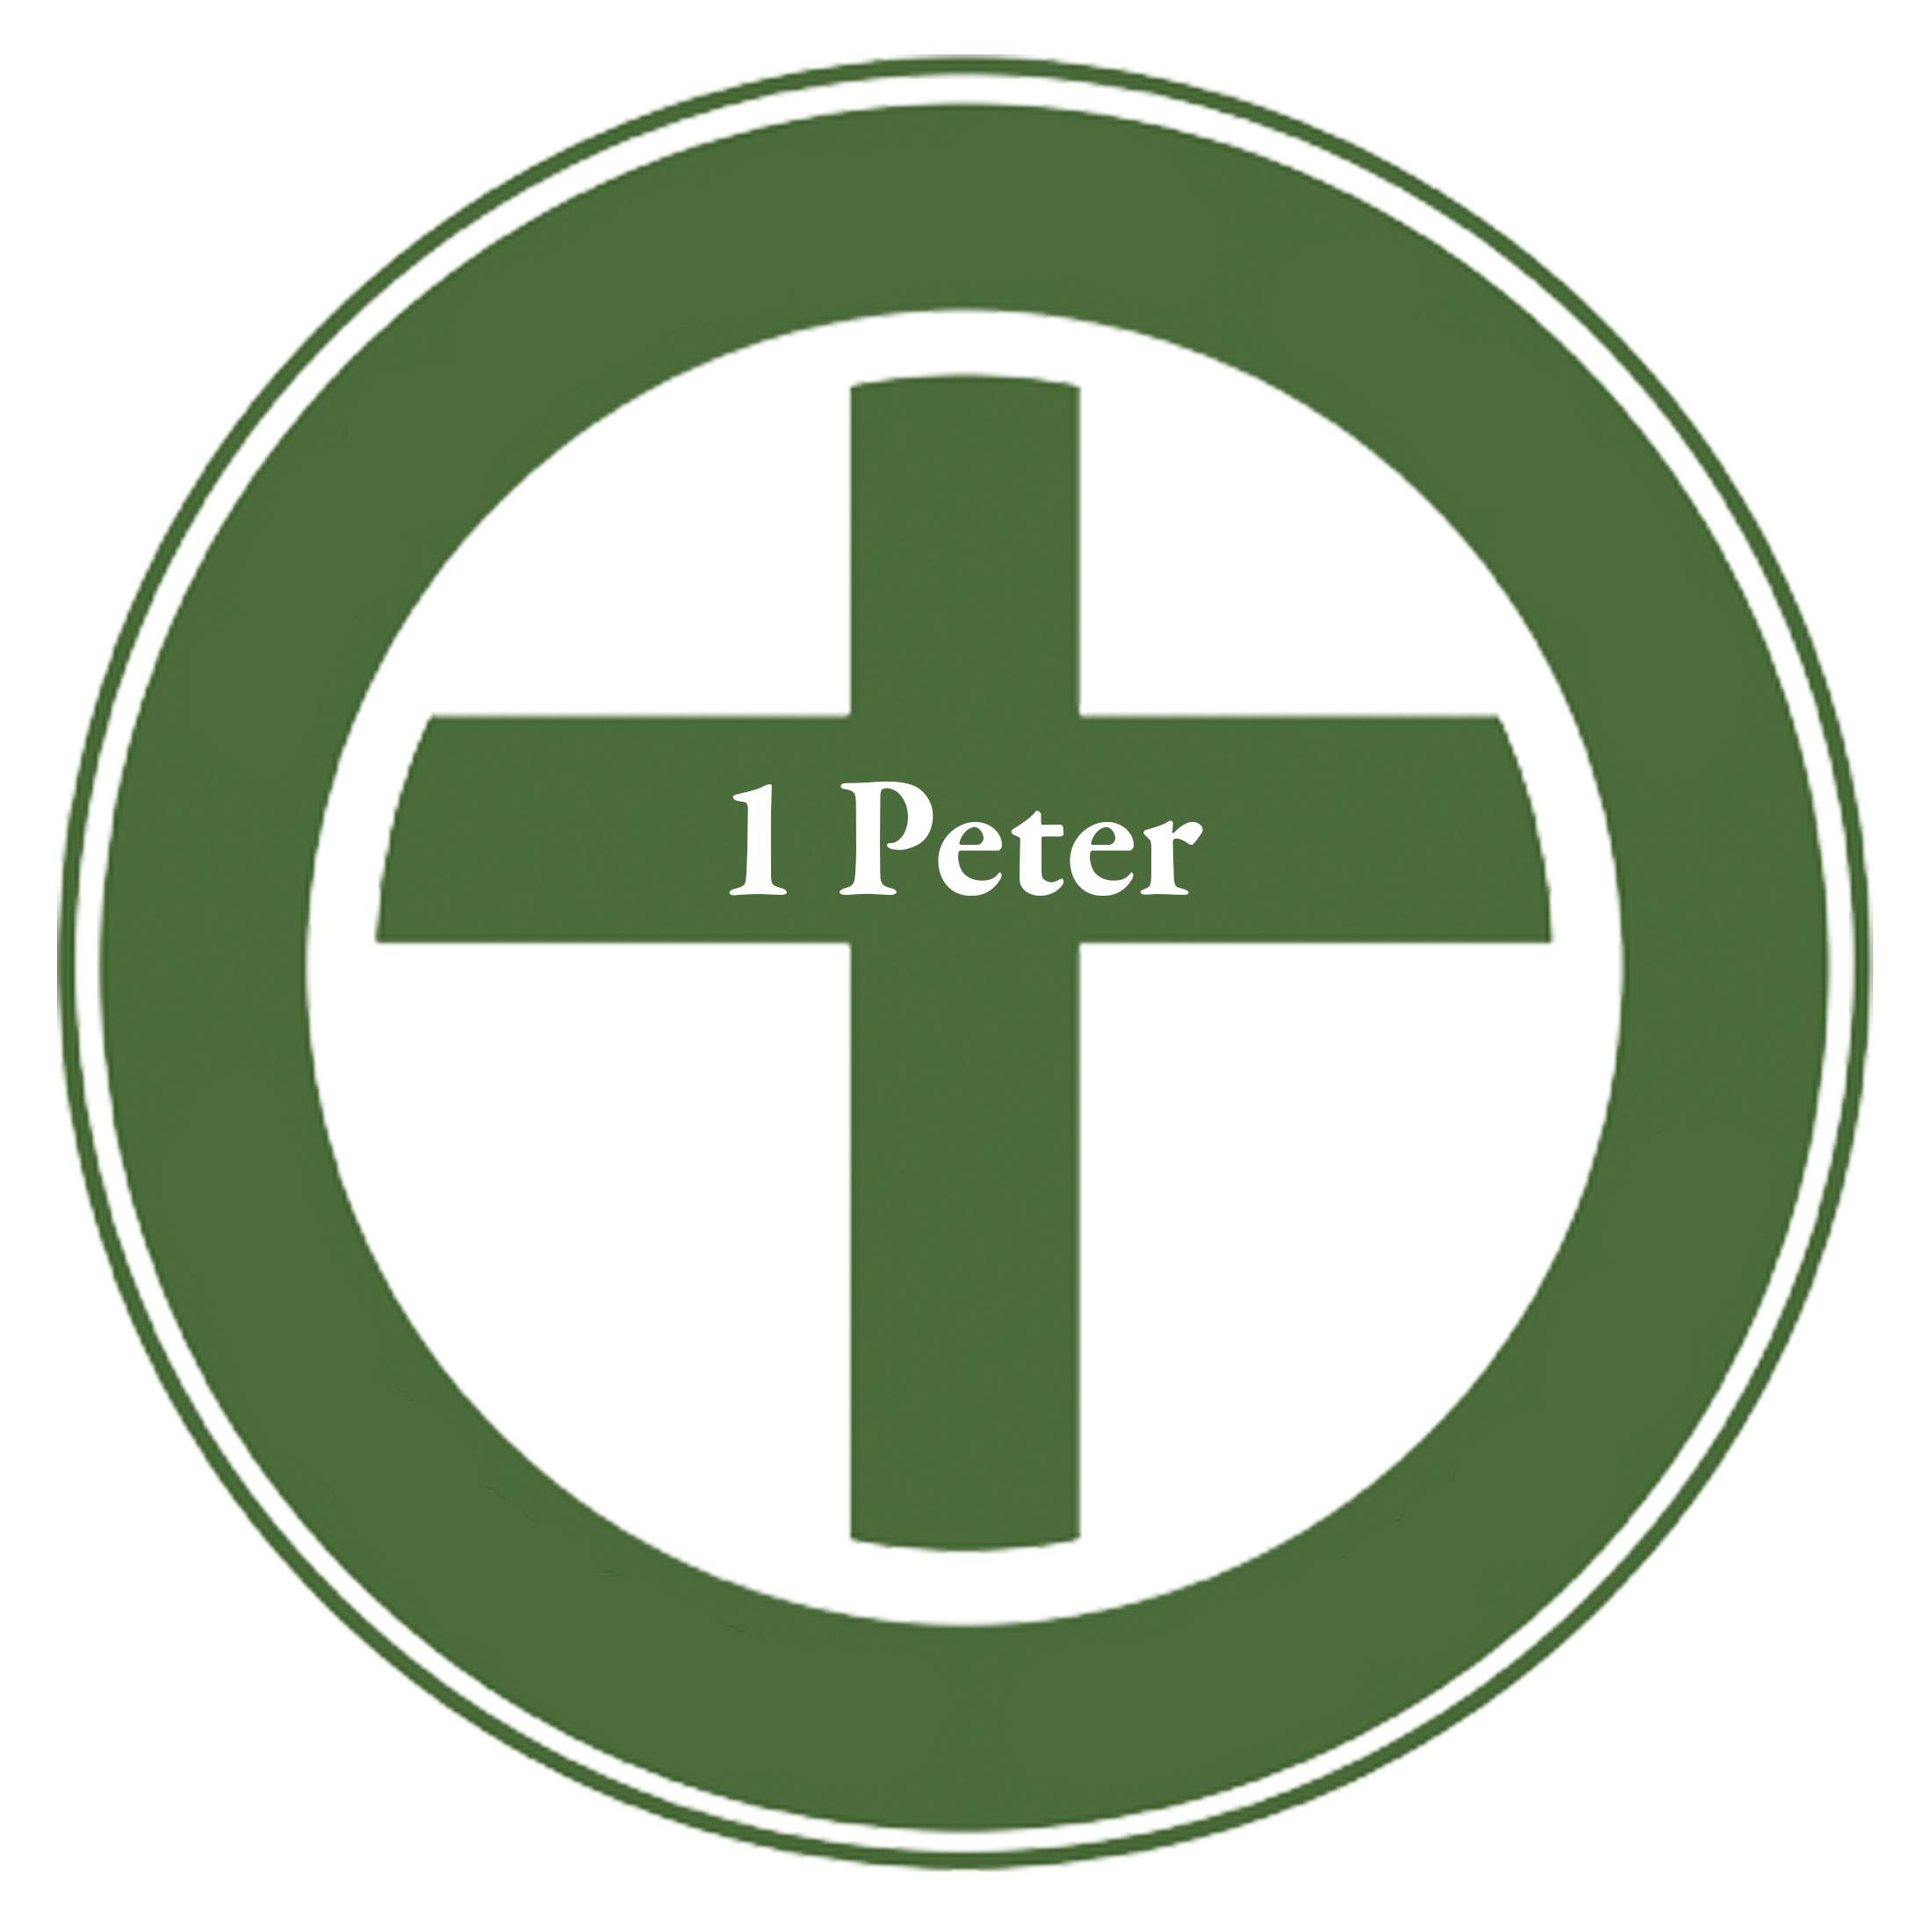 spbc-logo-2200x2200.jpg